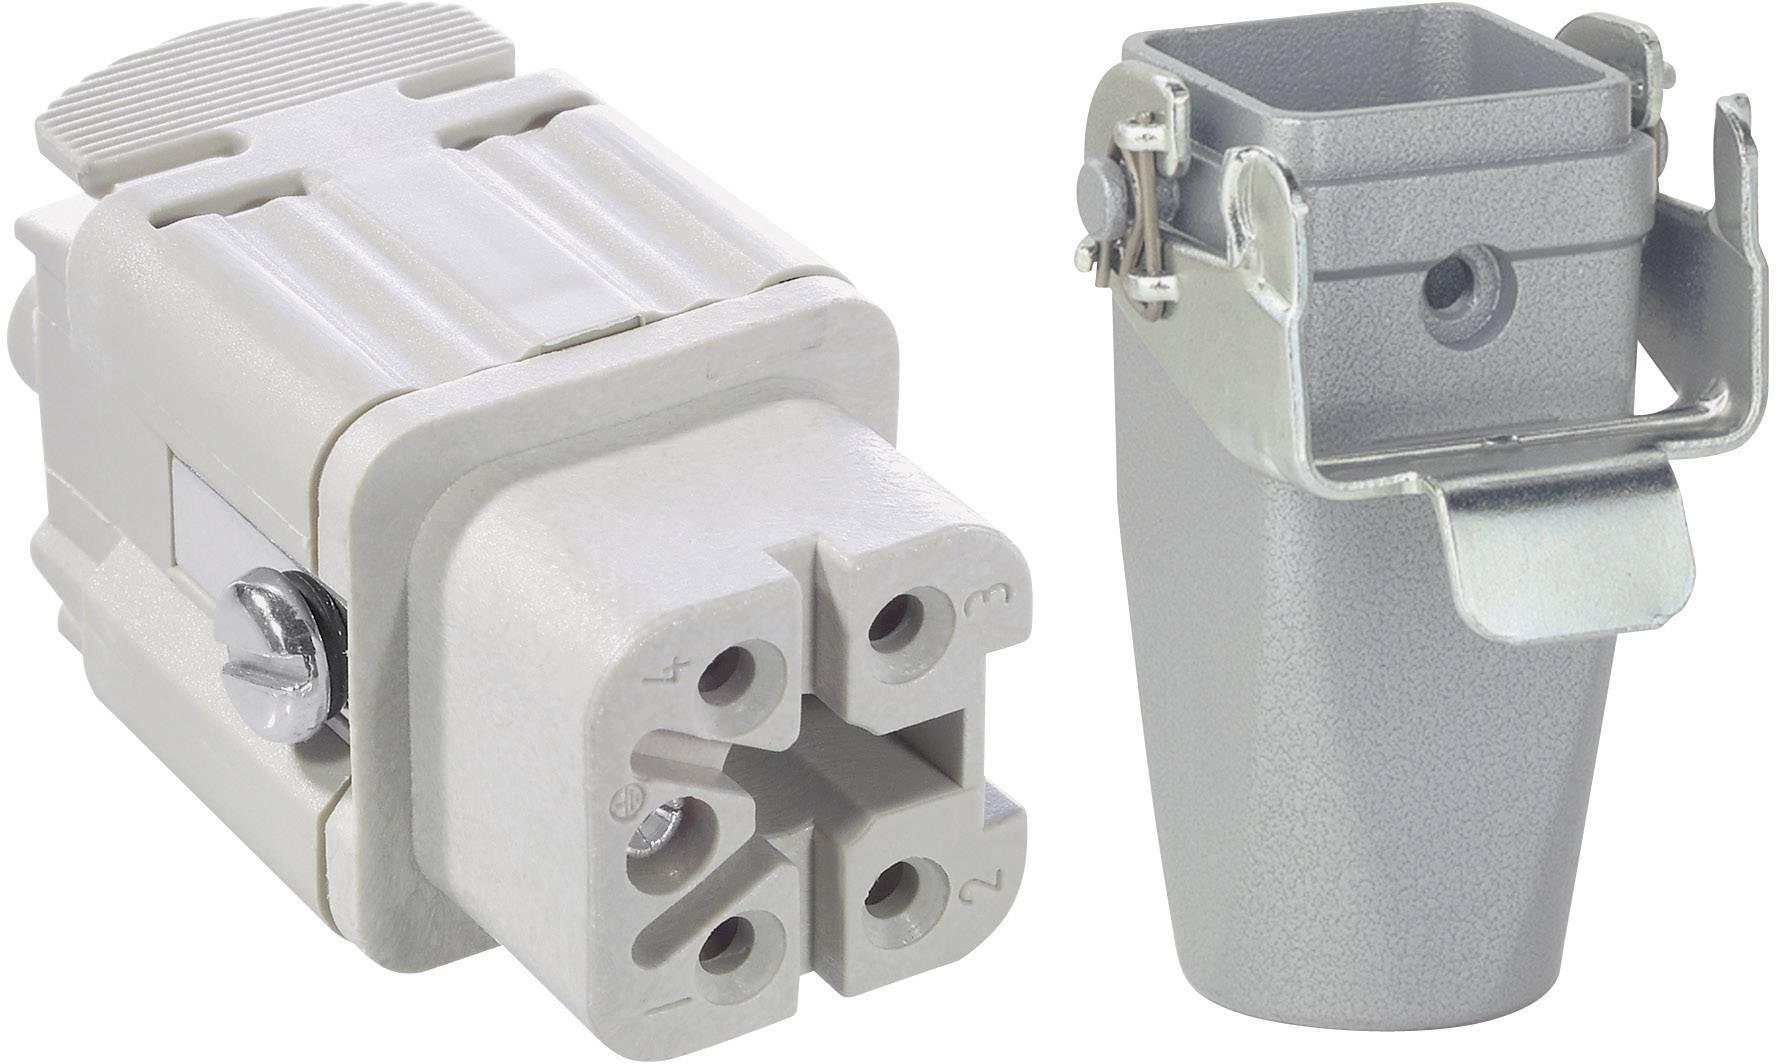 Sada konektorů EPIC®KIT H-A 4 75009624 LappKabel 4 + PE šroubovací 1 sada